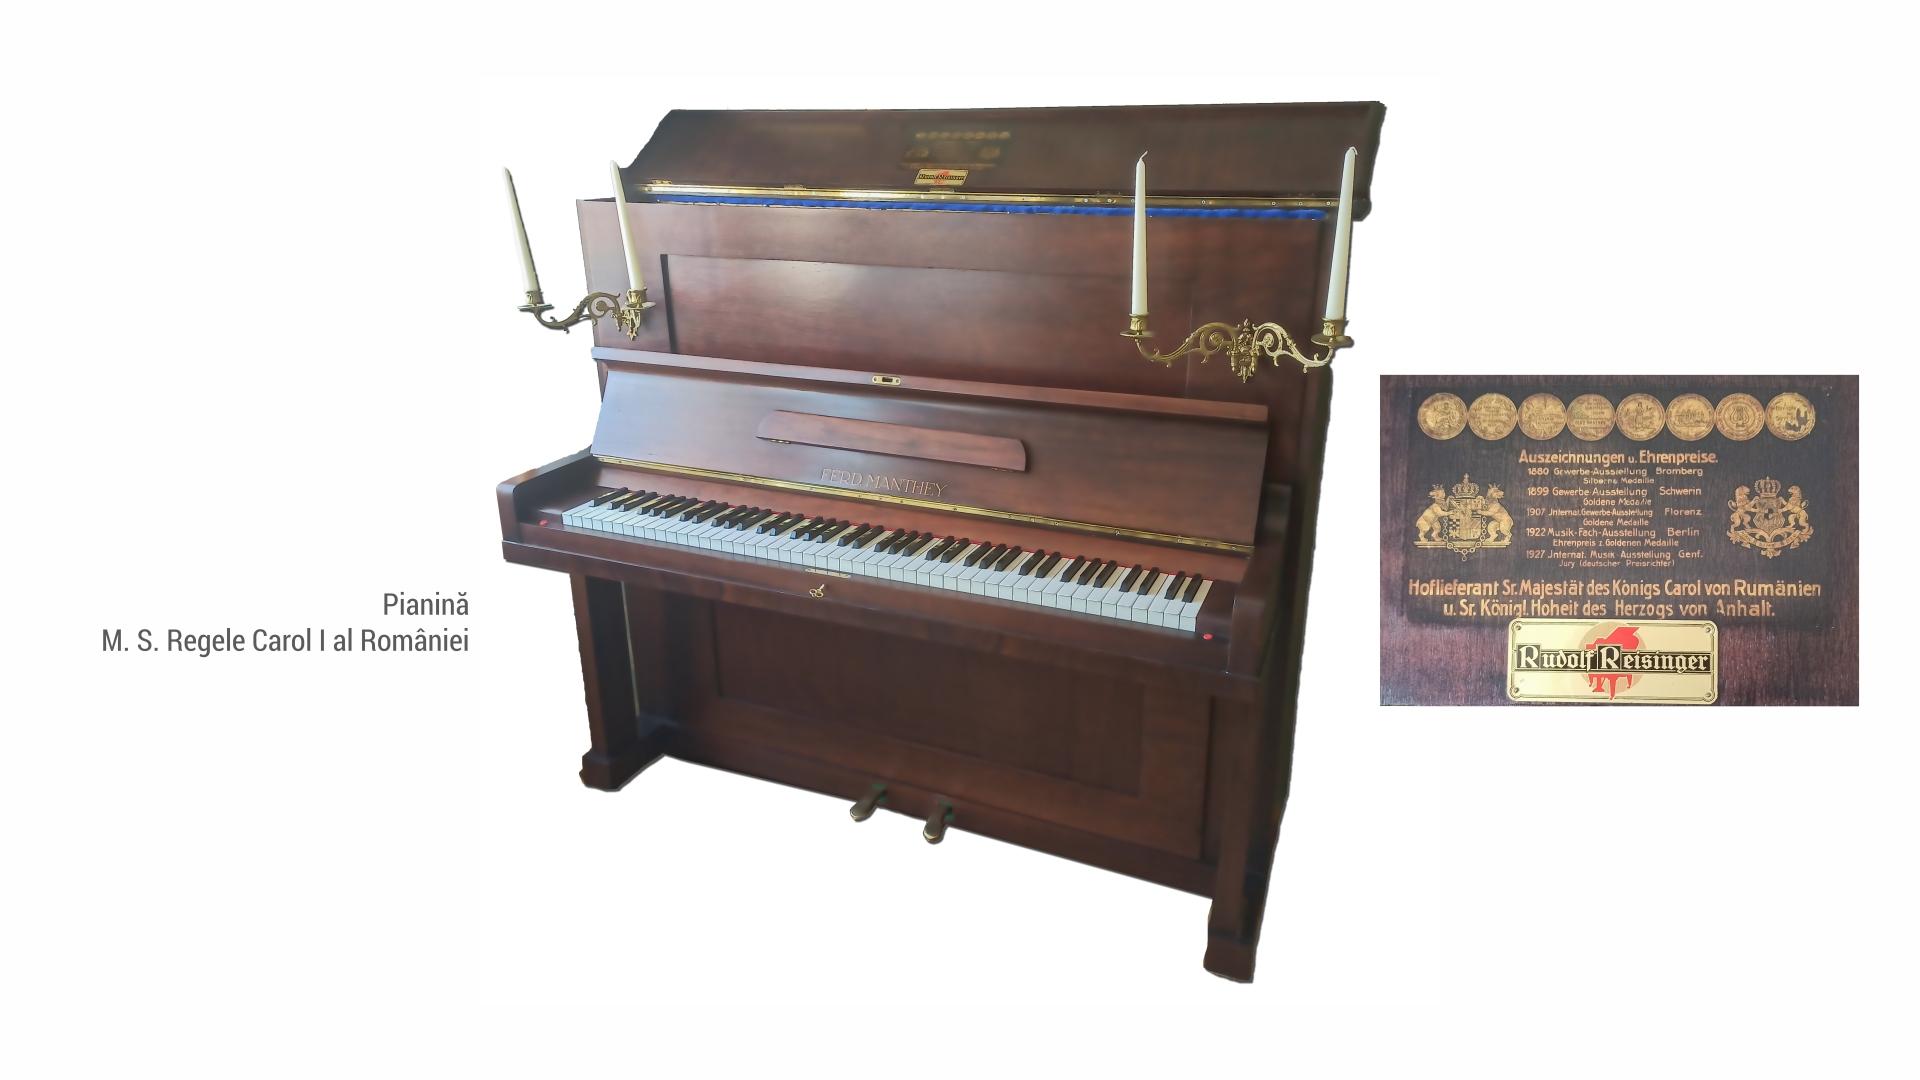 1802 Pianina - regele Carol